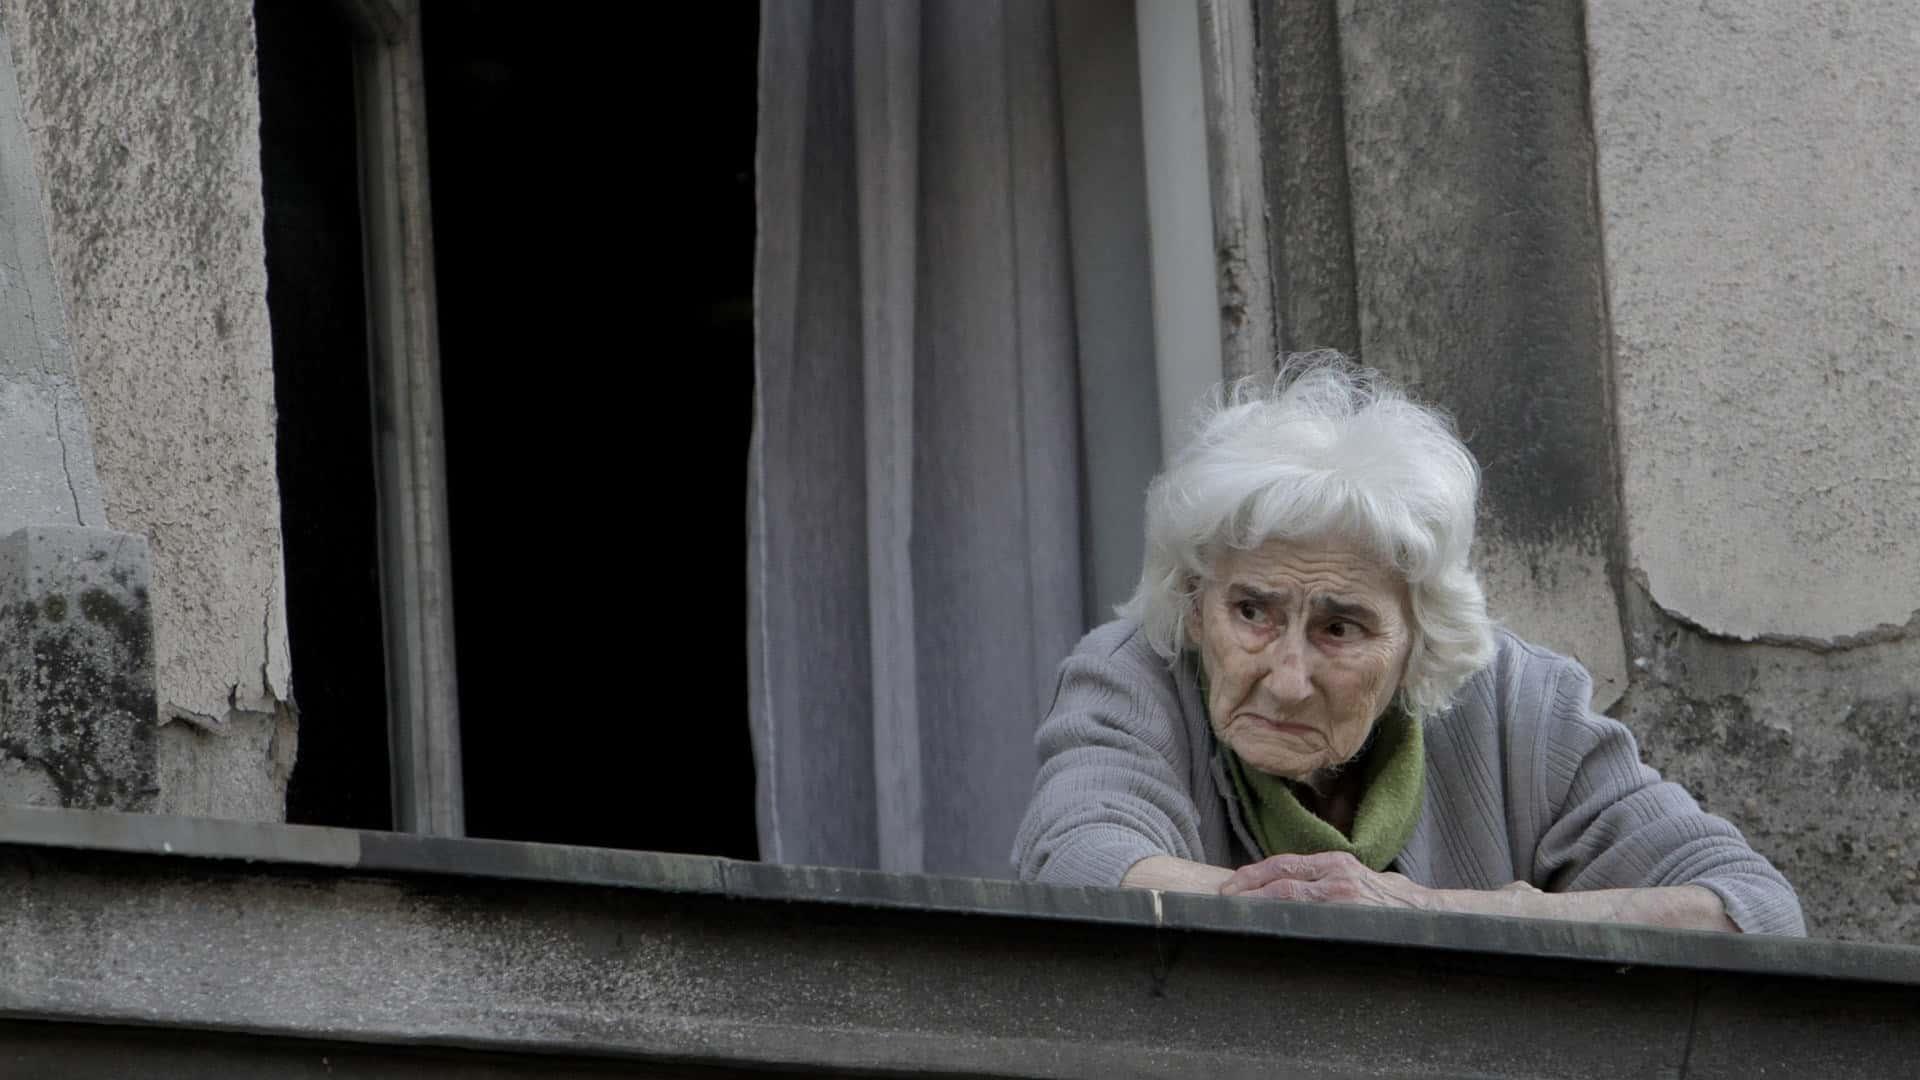 В Госдуме призвали понизить пенсионный возраст и ликвидировать Пенсионный фонд